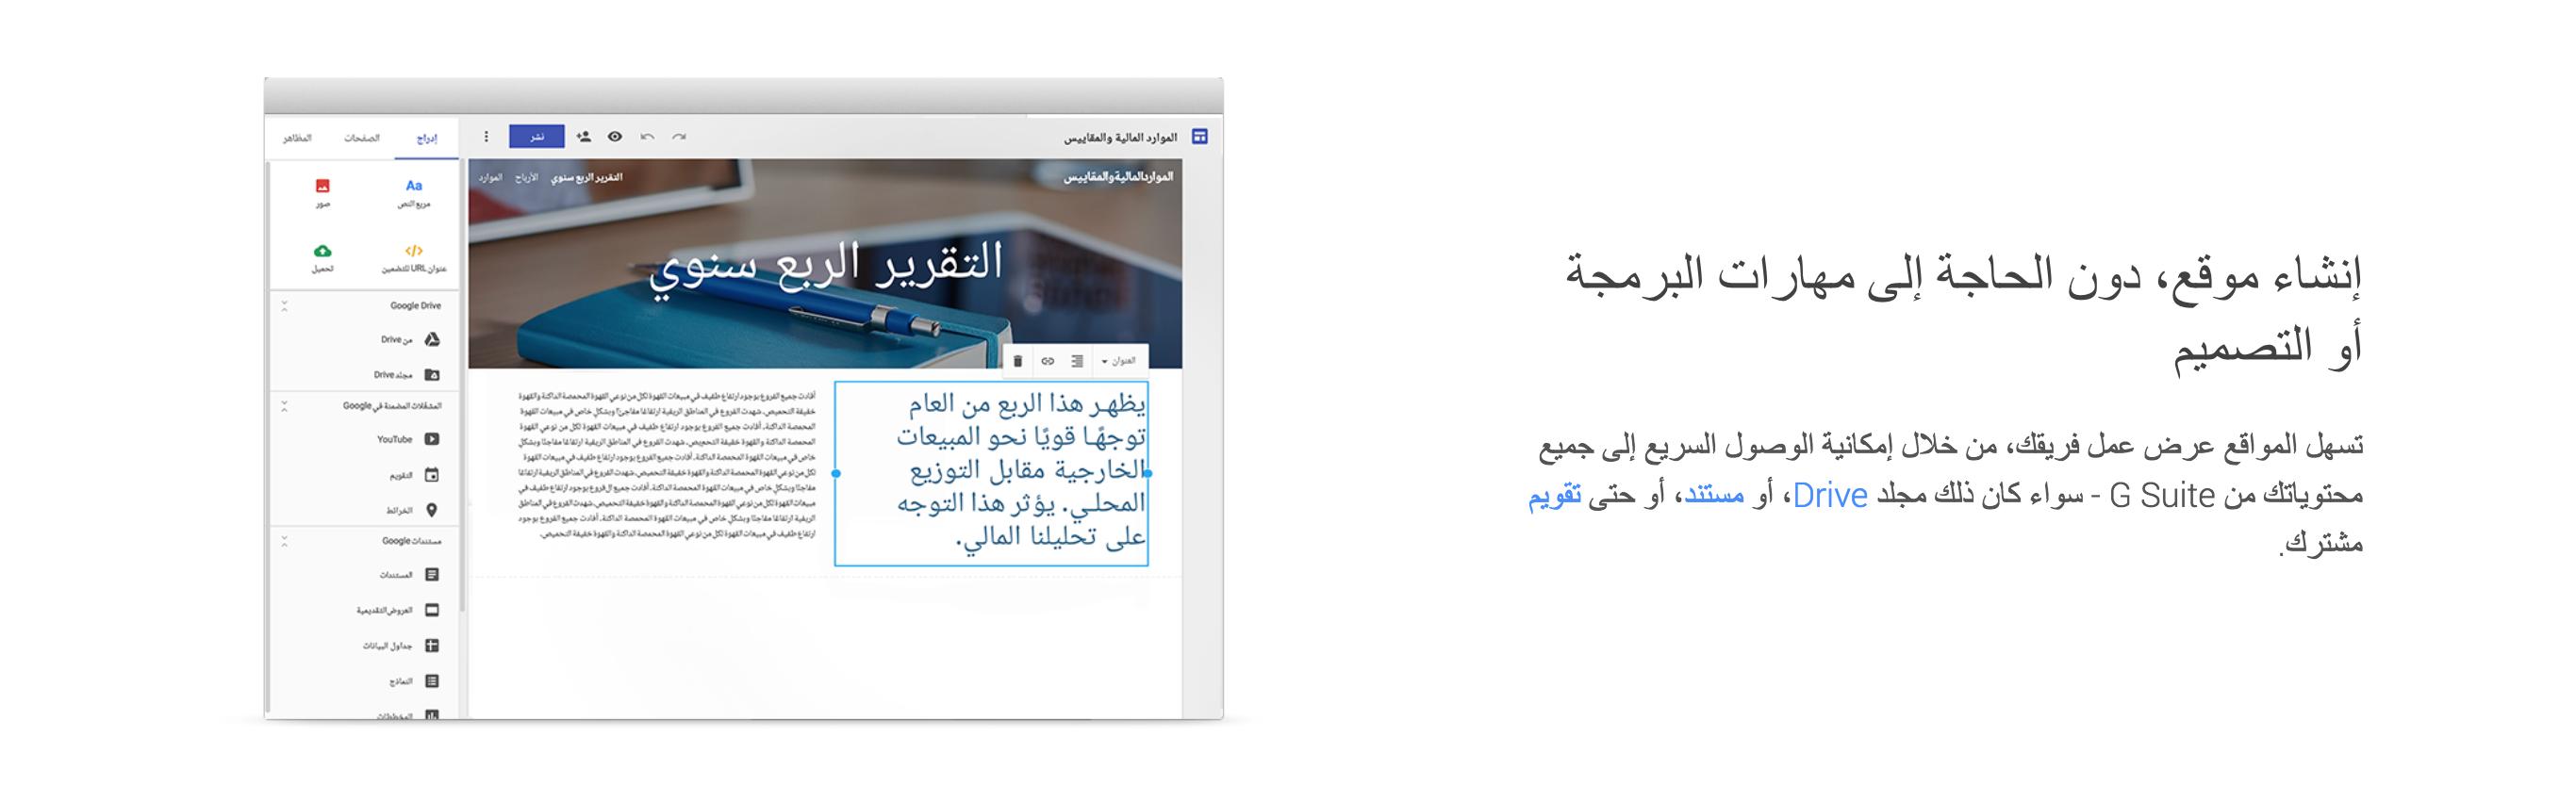 البوابة الإلكترونية الداخلية باستخدام مواقع جوجل